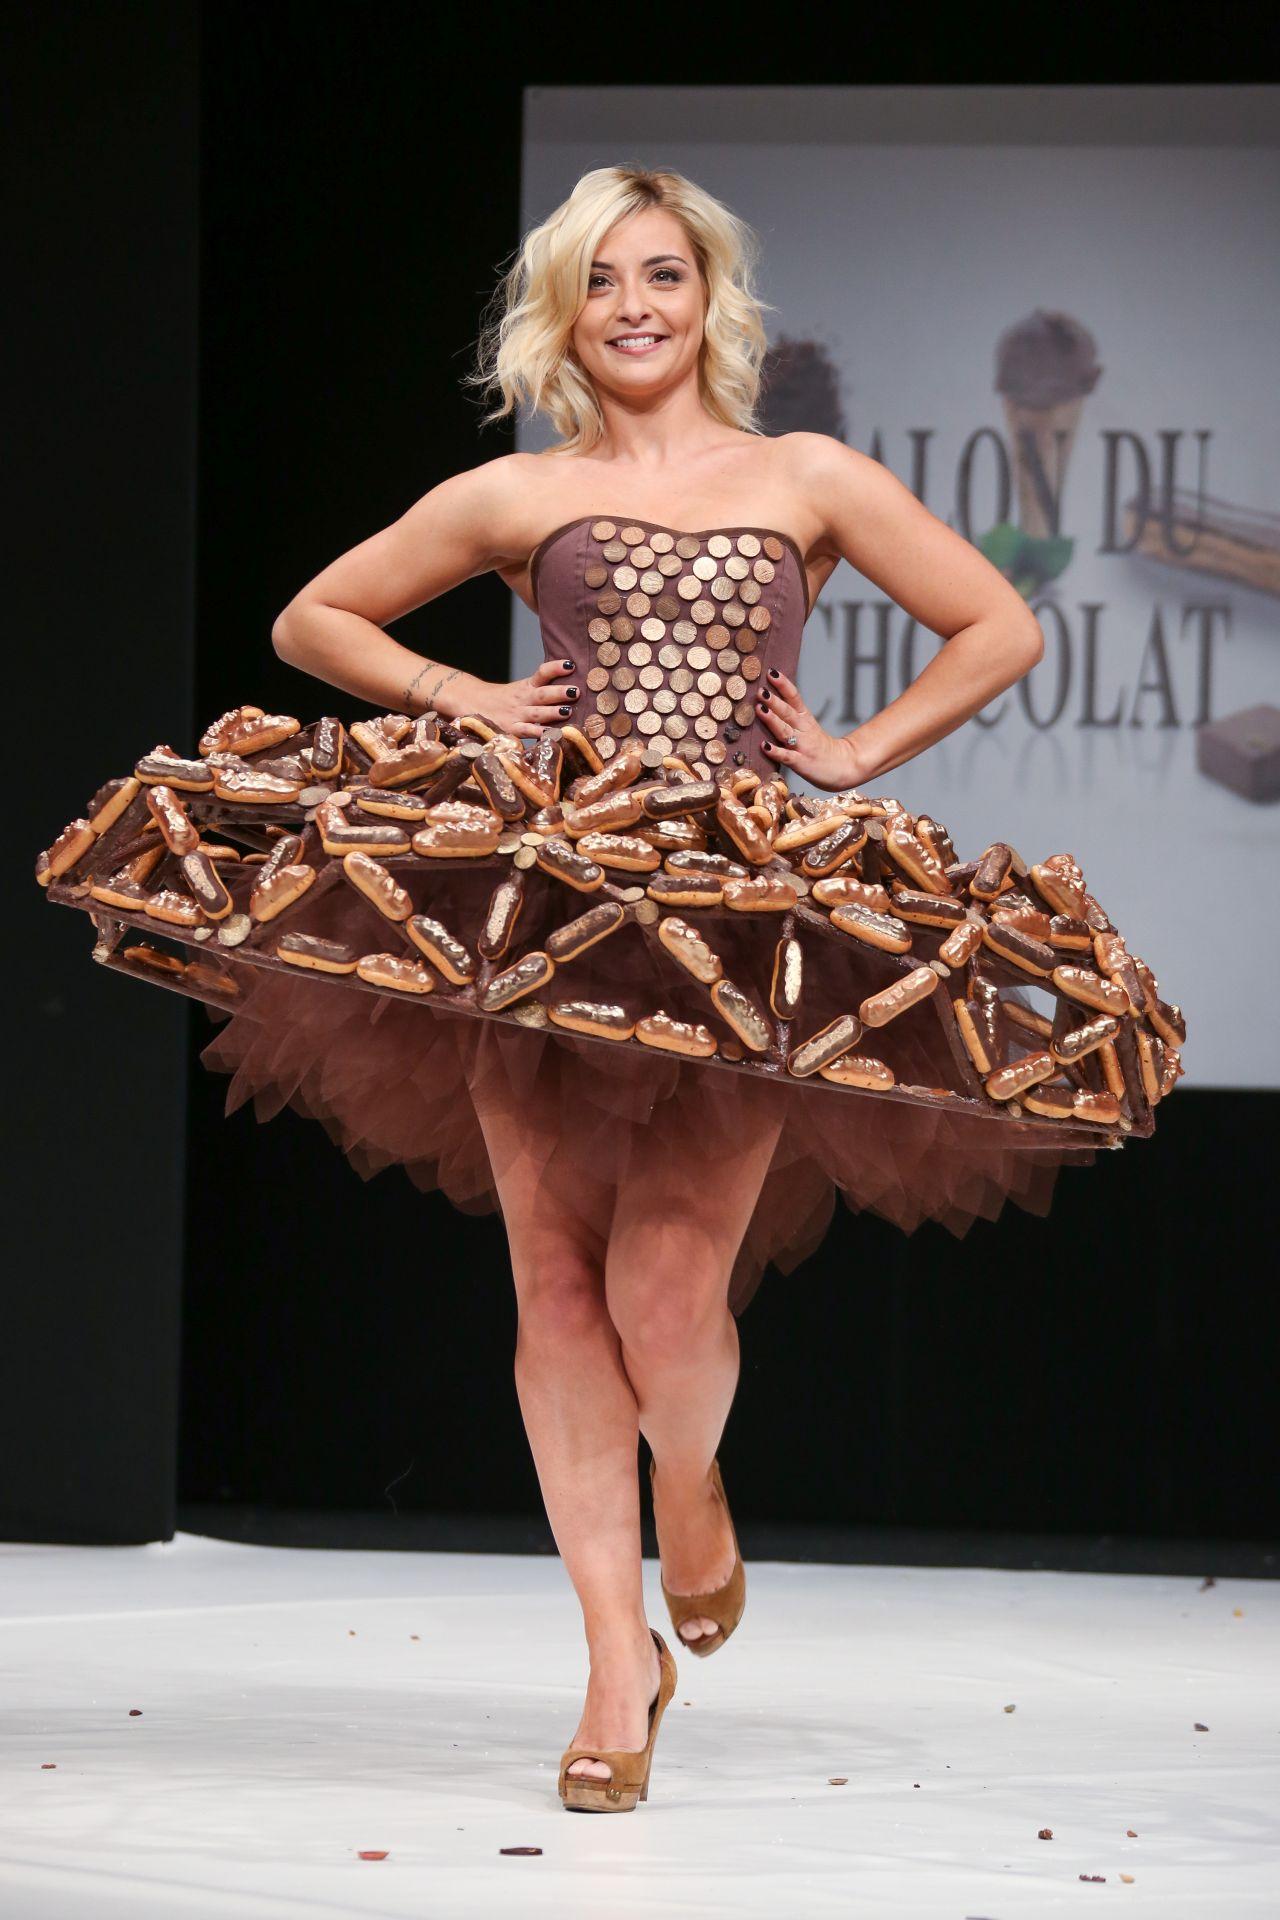 priscilla betti salon du chocolat paris 2017 chocolate fair in paris